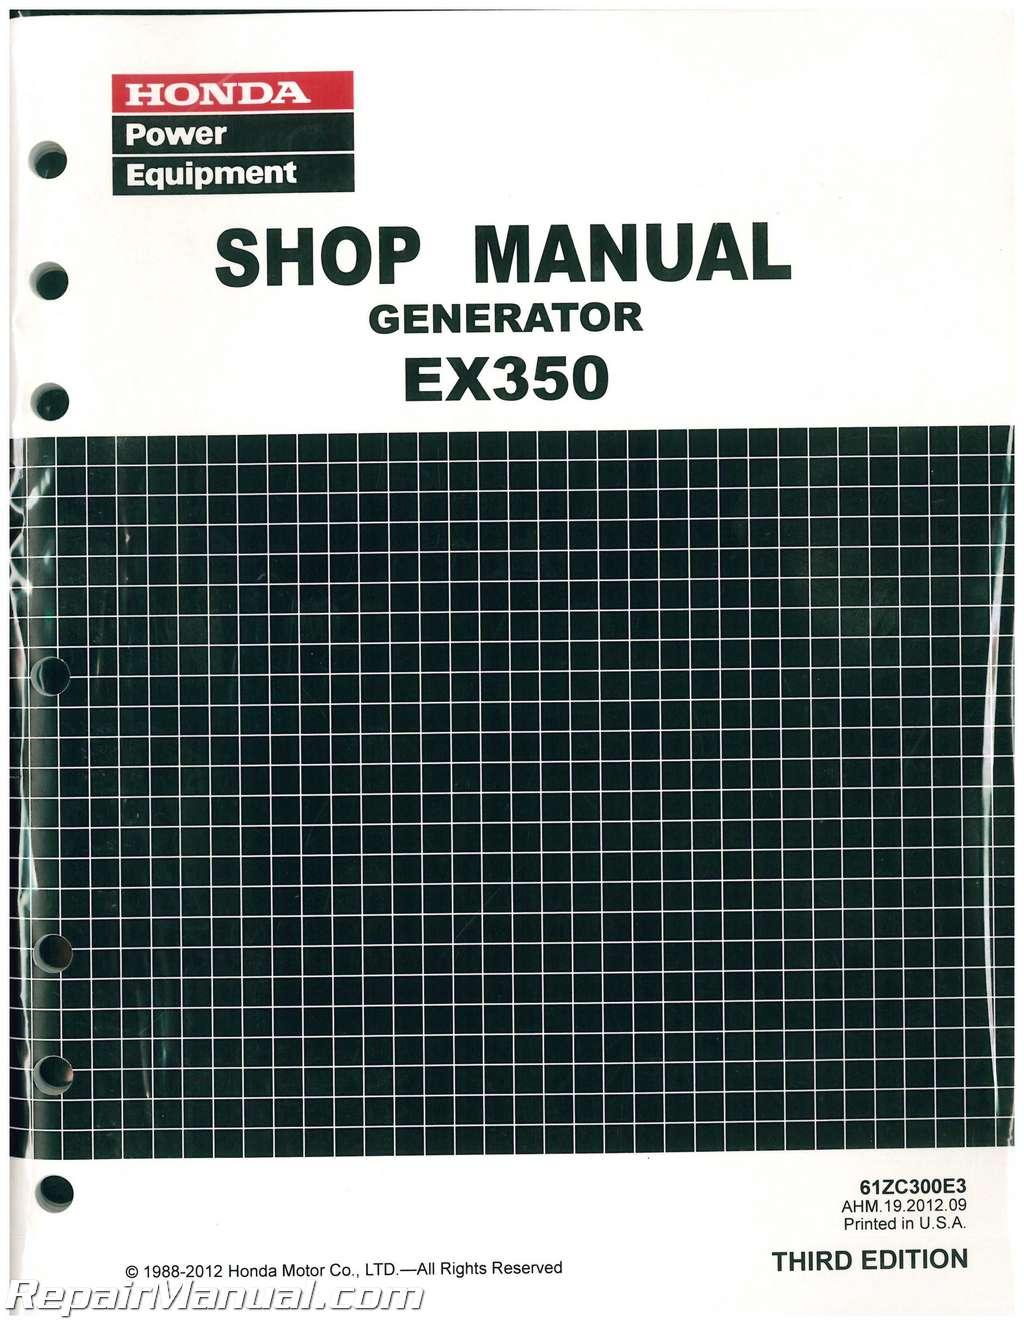 Honda-EX350-Generator-Shop-Manual_001.jpg ...